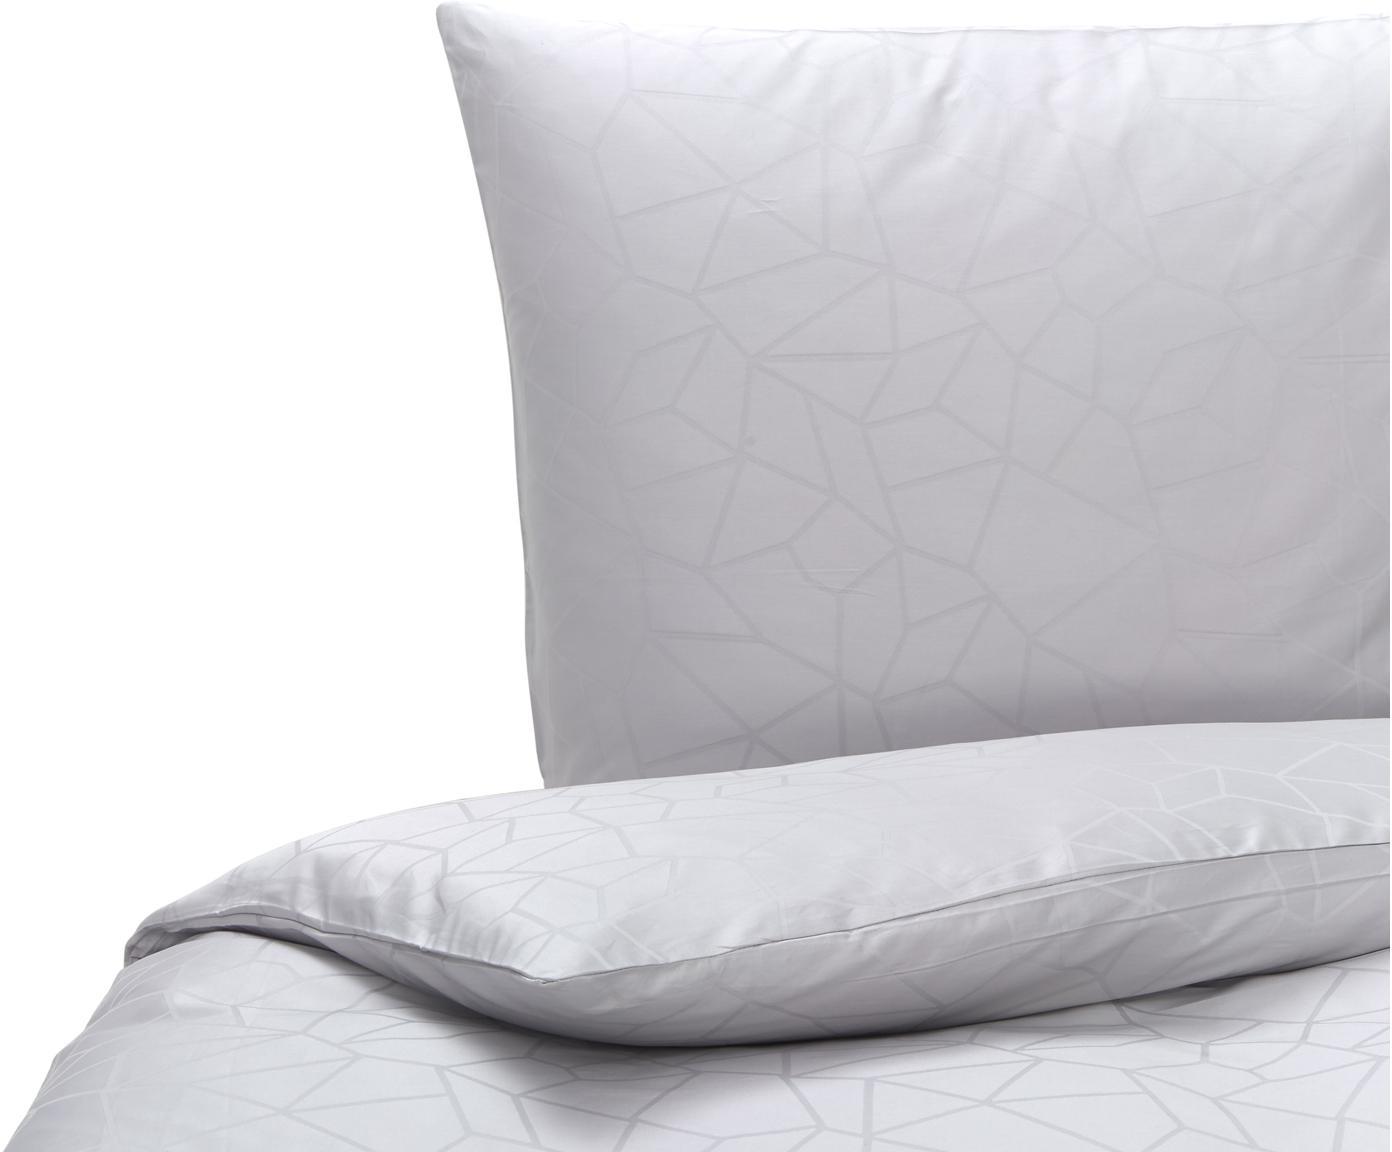 Bettwäsche  Struum mit grafischem Muster, 100% Baumwolle  Bettwäsche aus Baumwolle fühlt sich auf der Haut angenehm weich an, nimmt Feuchtigkeit gut auf und eignet sich für Allergiker., Hellgrau, 135 x 200 cm + 1 Kissen 80 x 80 cm